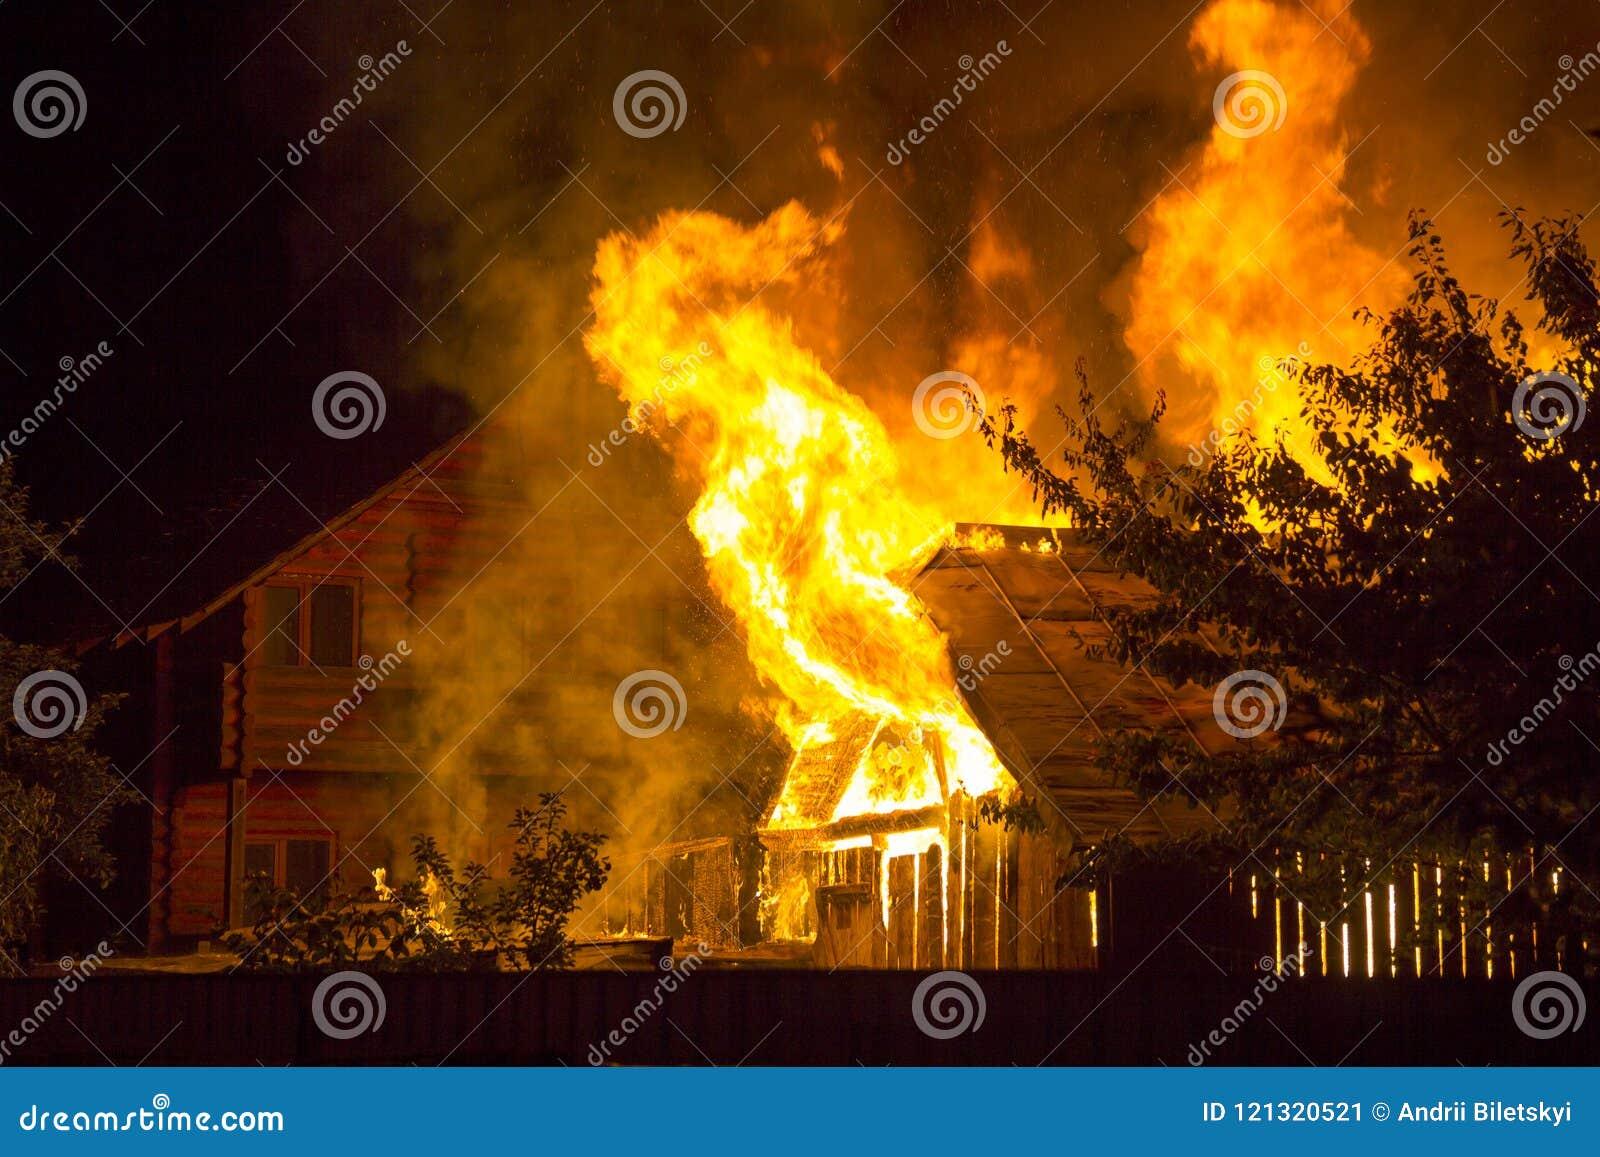 b22b5e5f704 Καίγοντας το ξύλινο σπίτι τη νύχτα Φωτεινές πορτοκαλιές φλόγες και ...